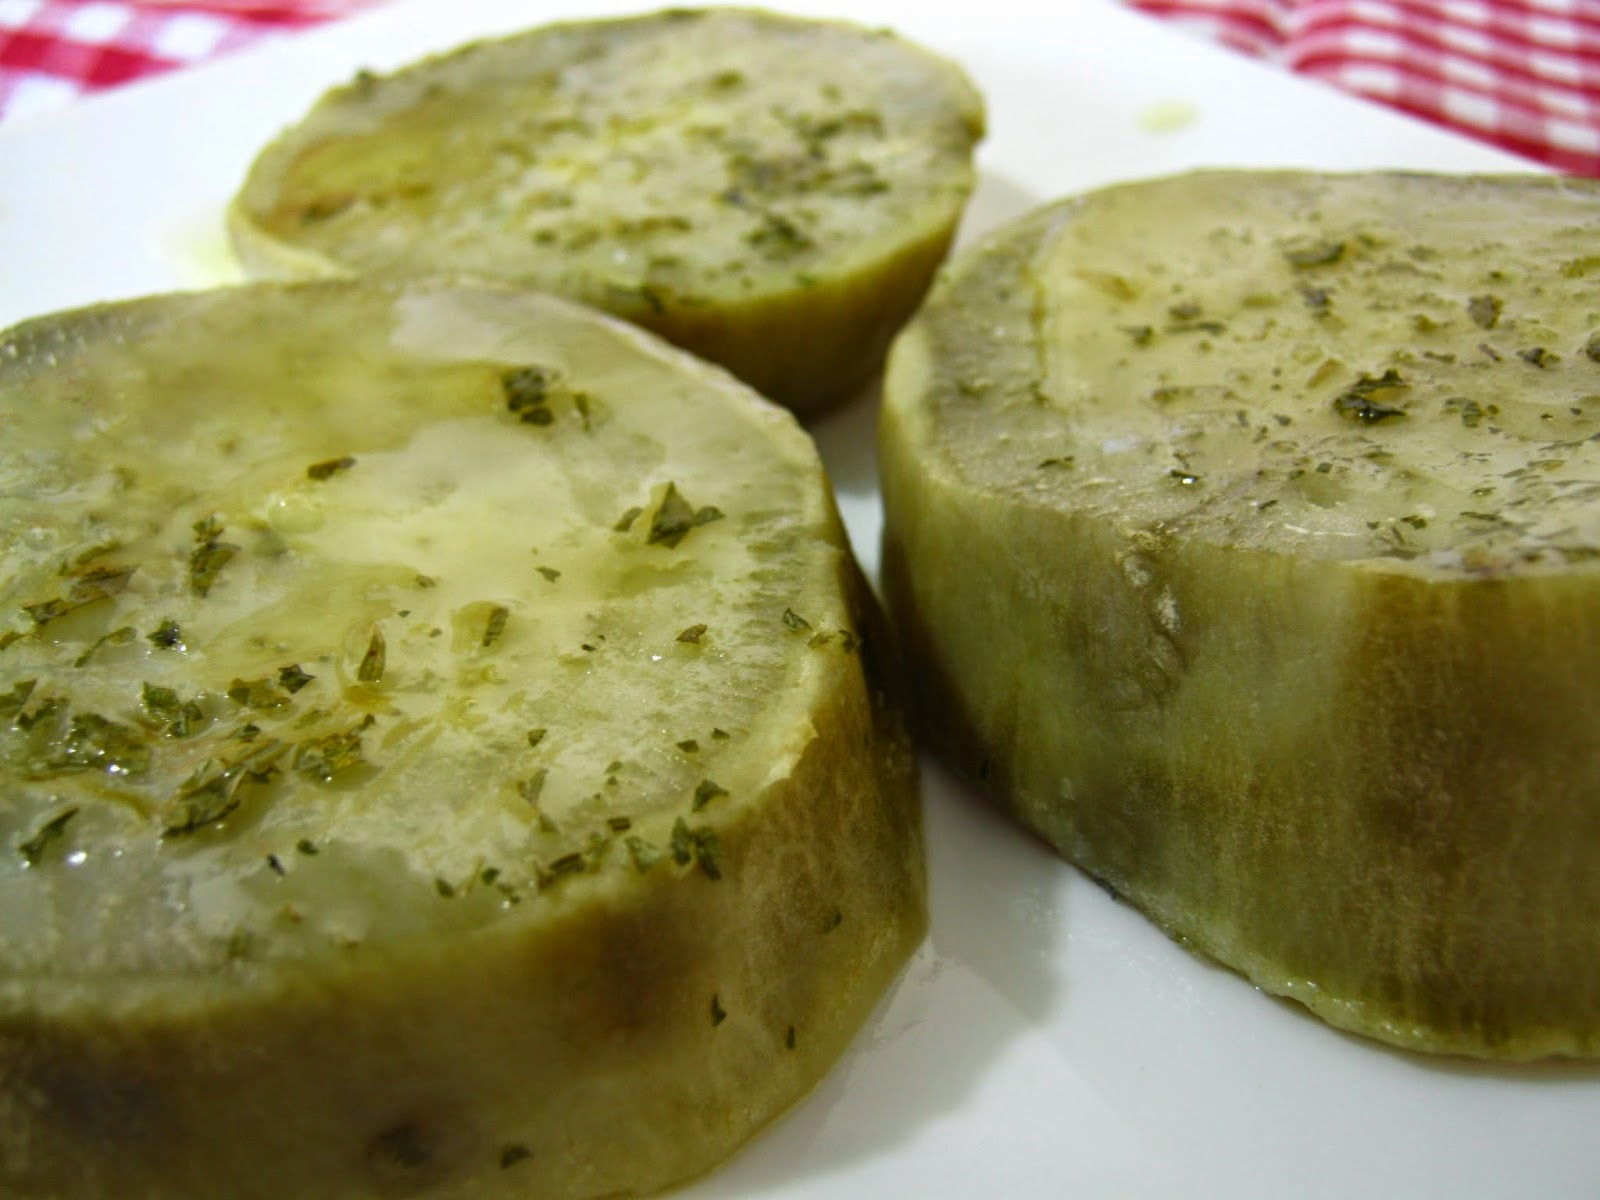 Batata doce simples, mas deliciosa!